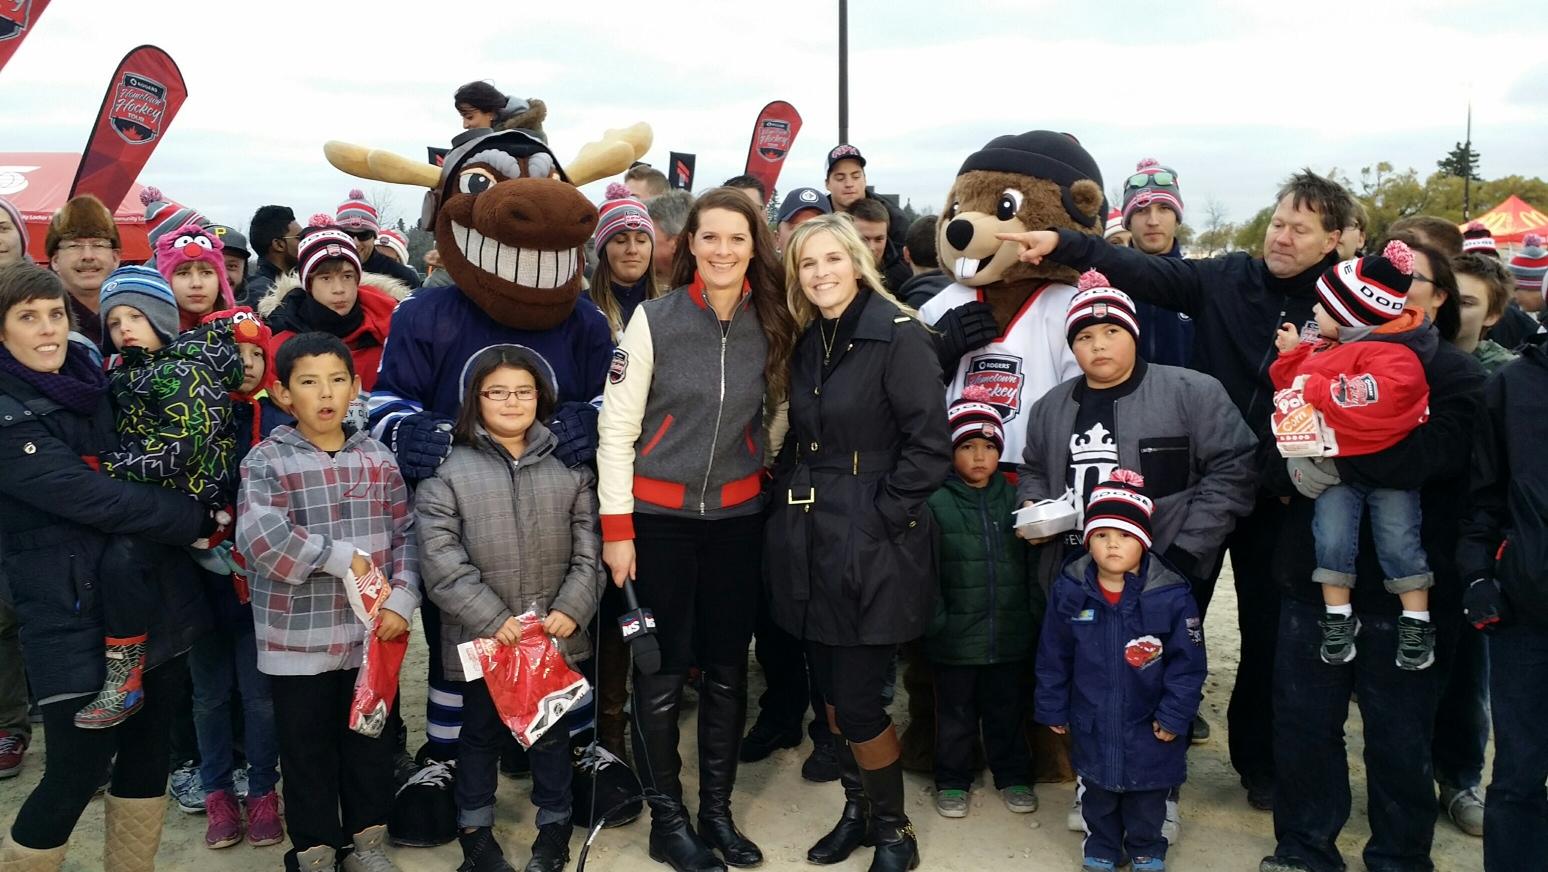 Rogers Hometown Hockey 2014 - Selkirk, MB